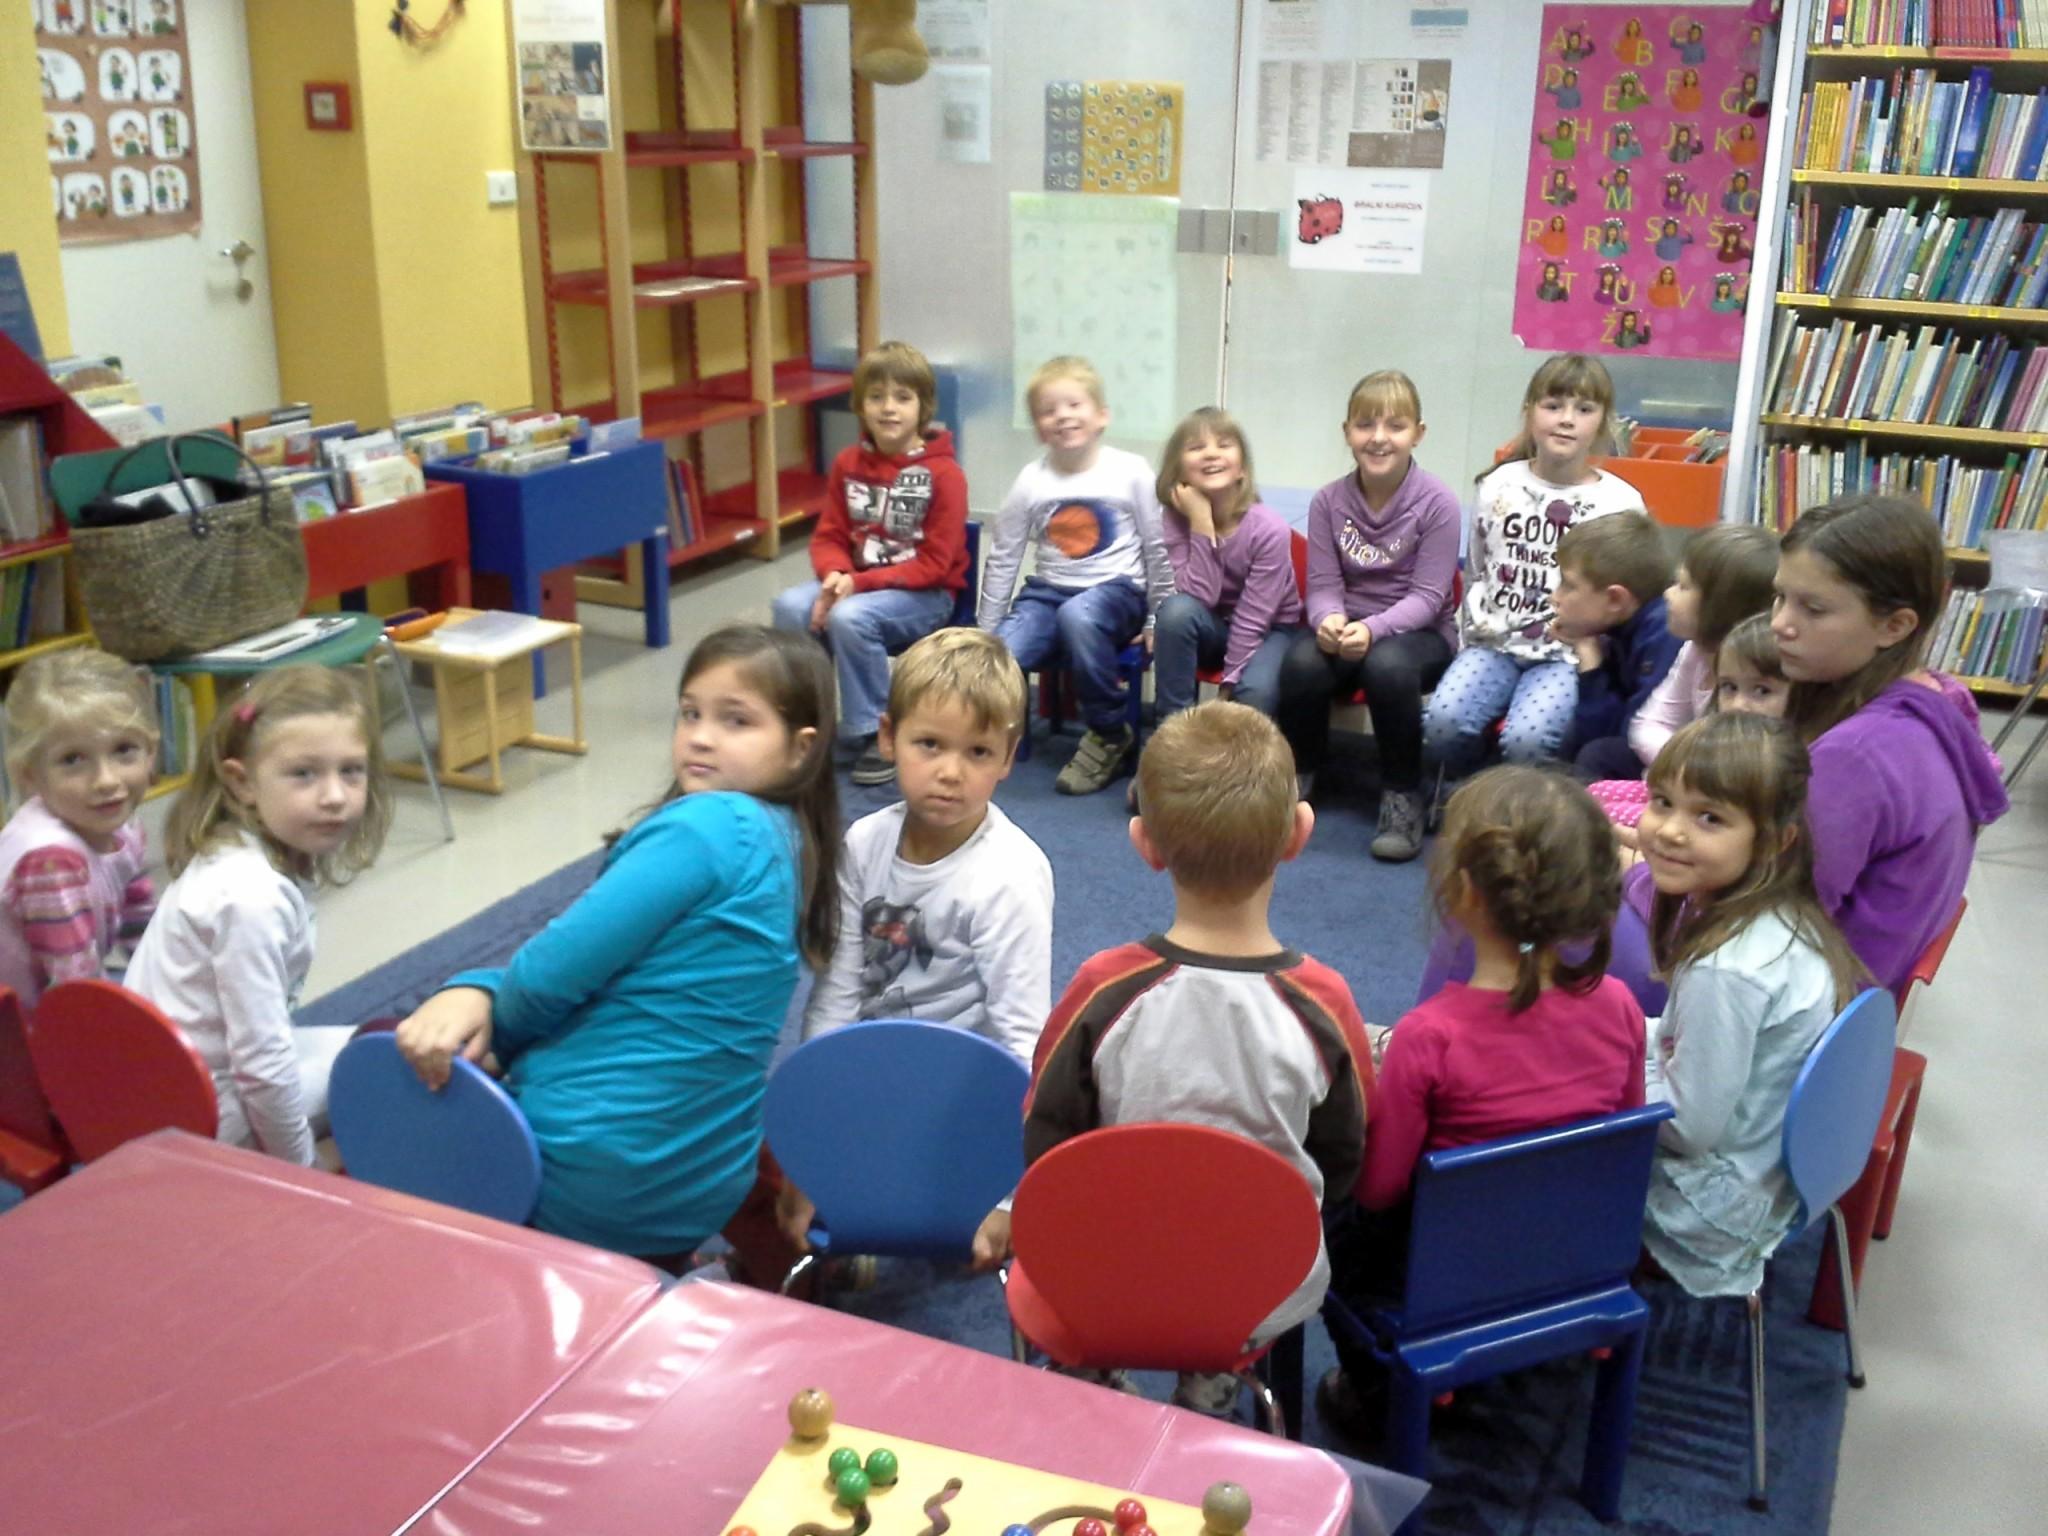 20151105 170904 - Pravljični listopad - pravljična urica z ustvarjalno delavnico za otroke od 4. leta dalje